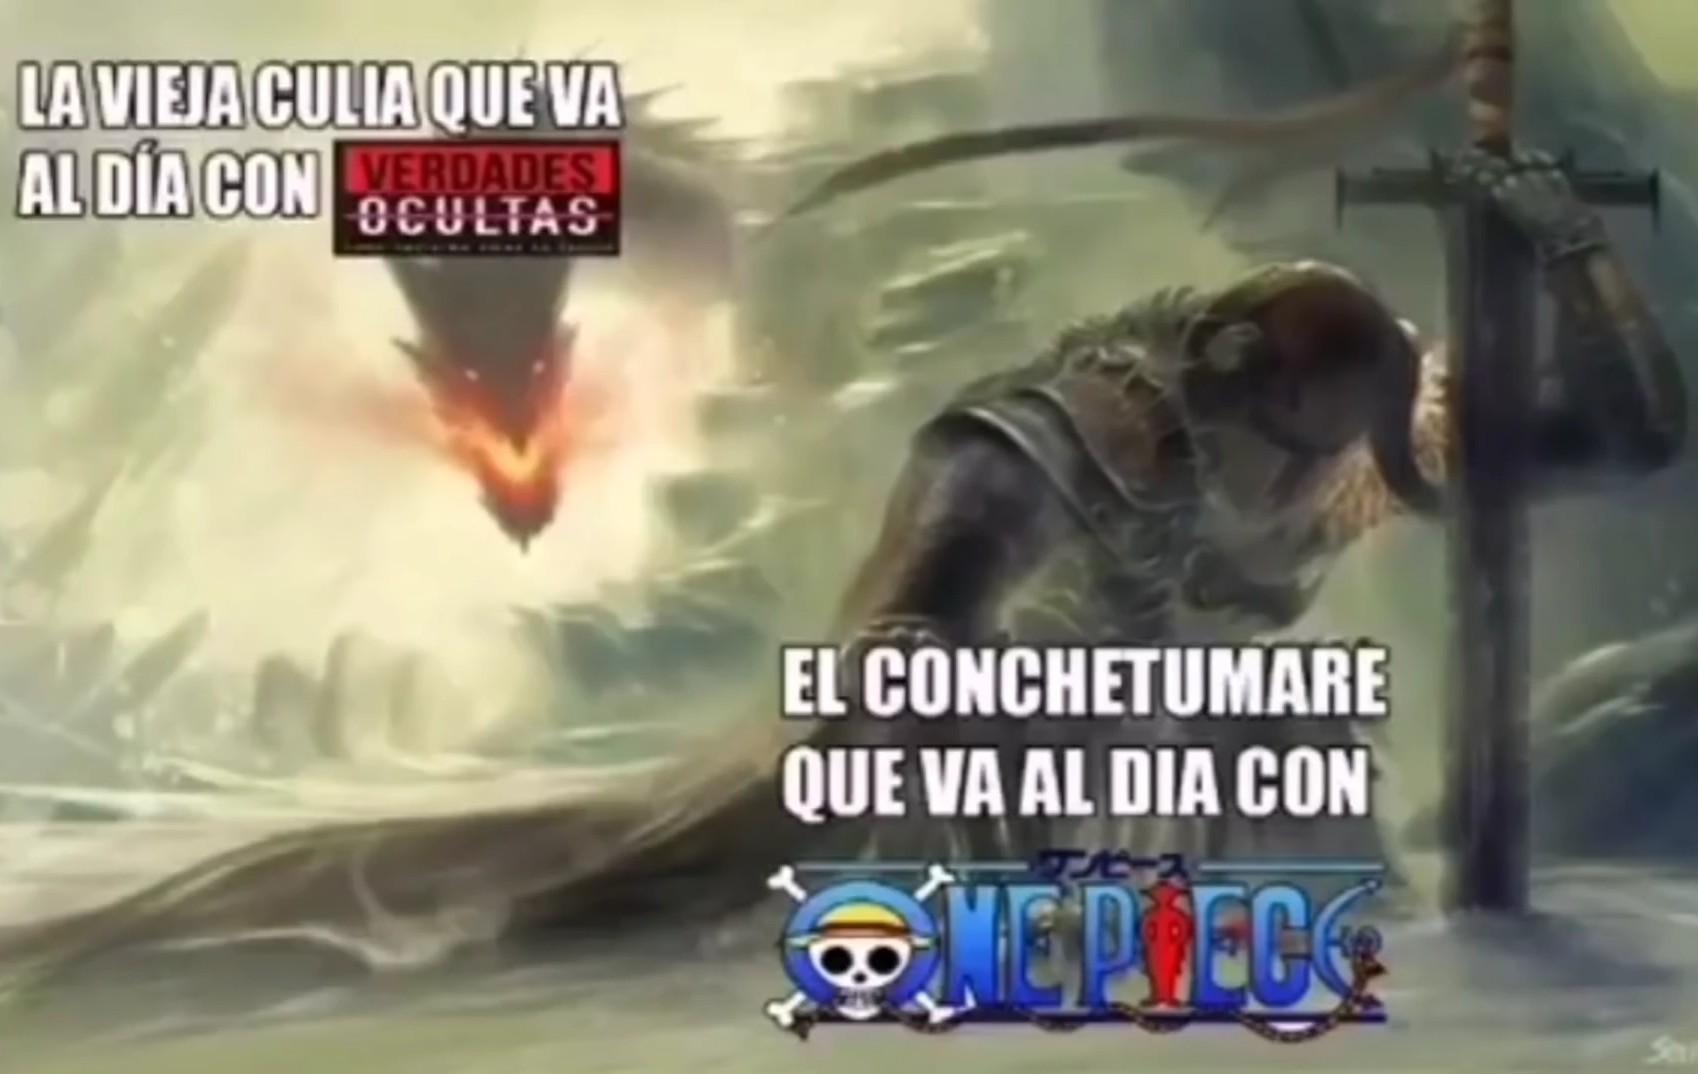 Es una serie Chilena eterna - meme